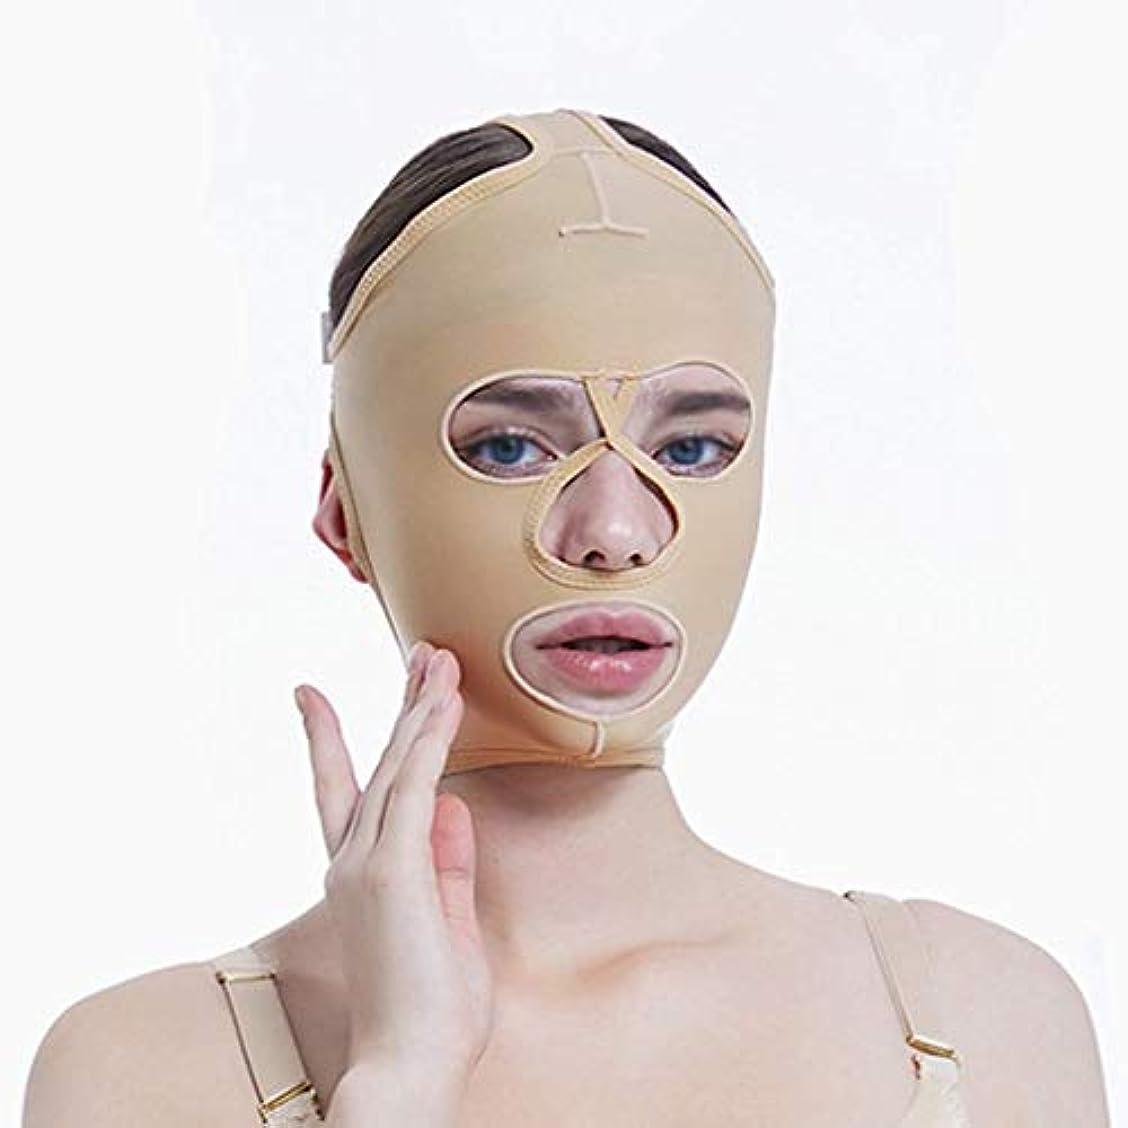 とティーム基礎理論下位チンリフティングベルト、超薄型ベルト、引き締めマスク、包帯吊り、フェイスリフティングマスク、超薄型ベルト、通気性(サイズ:L),XL